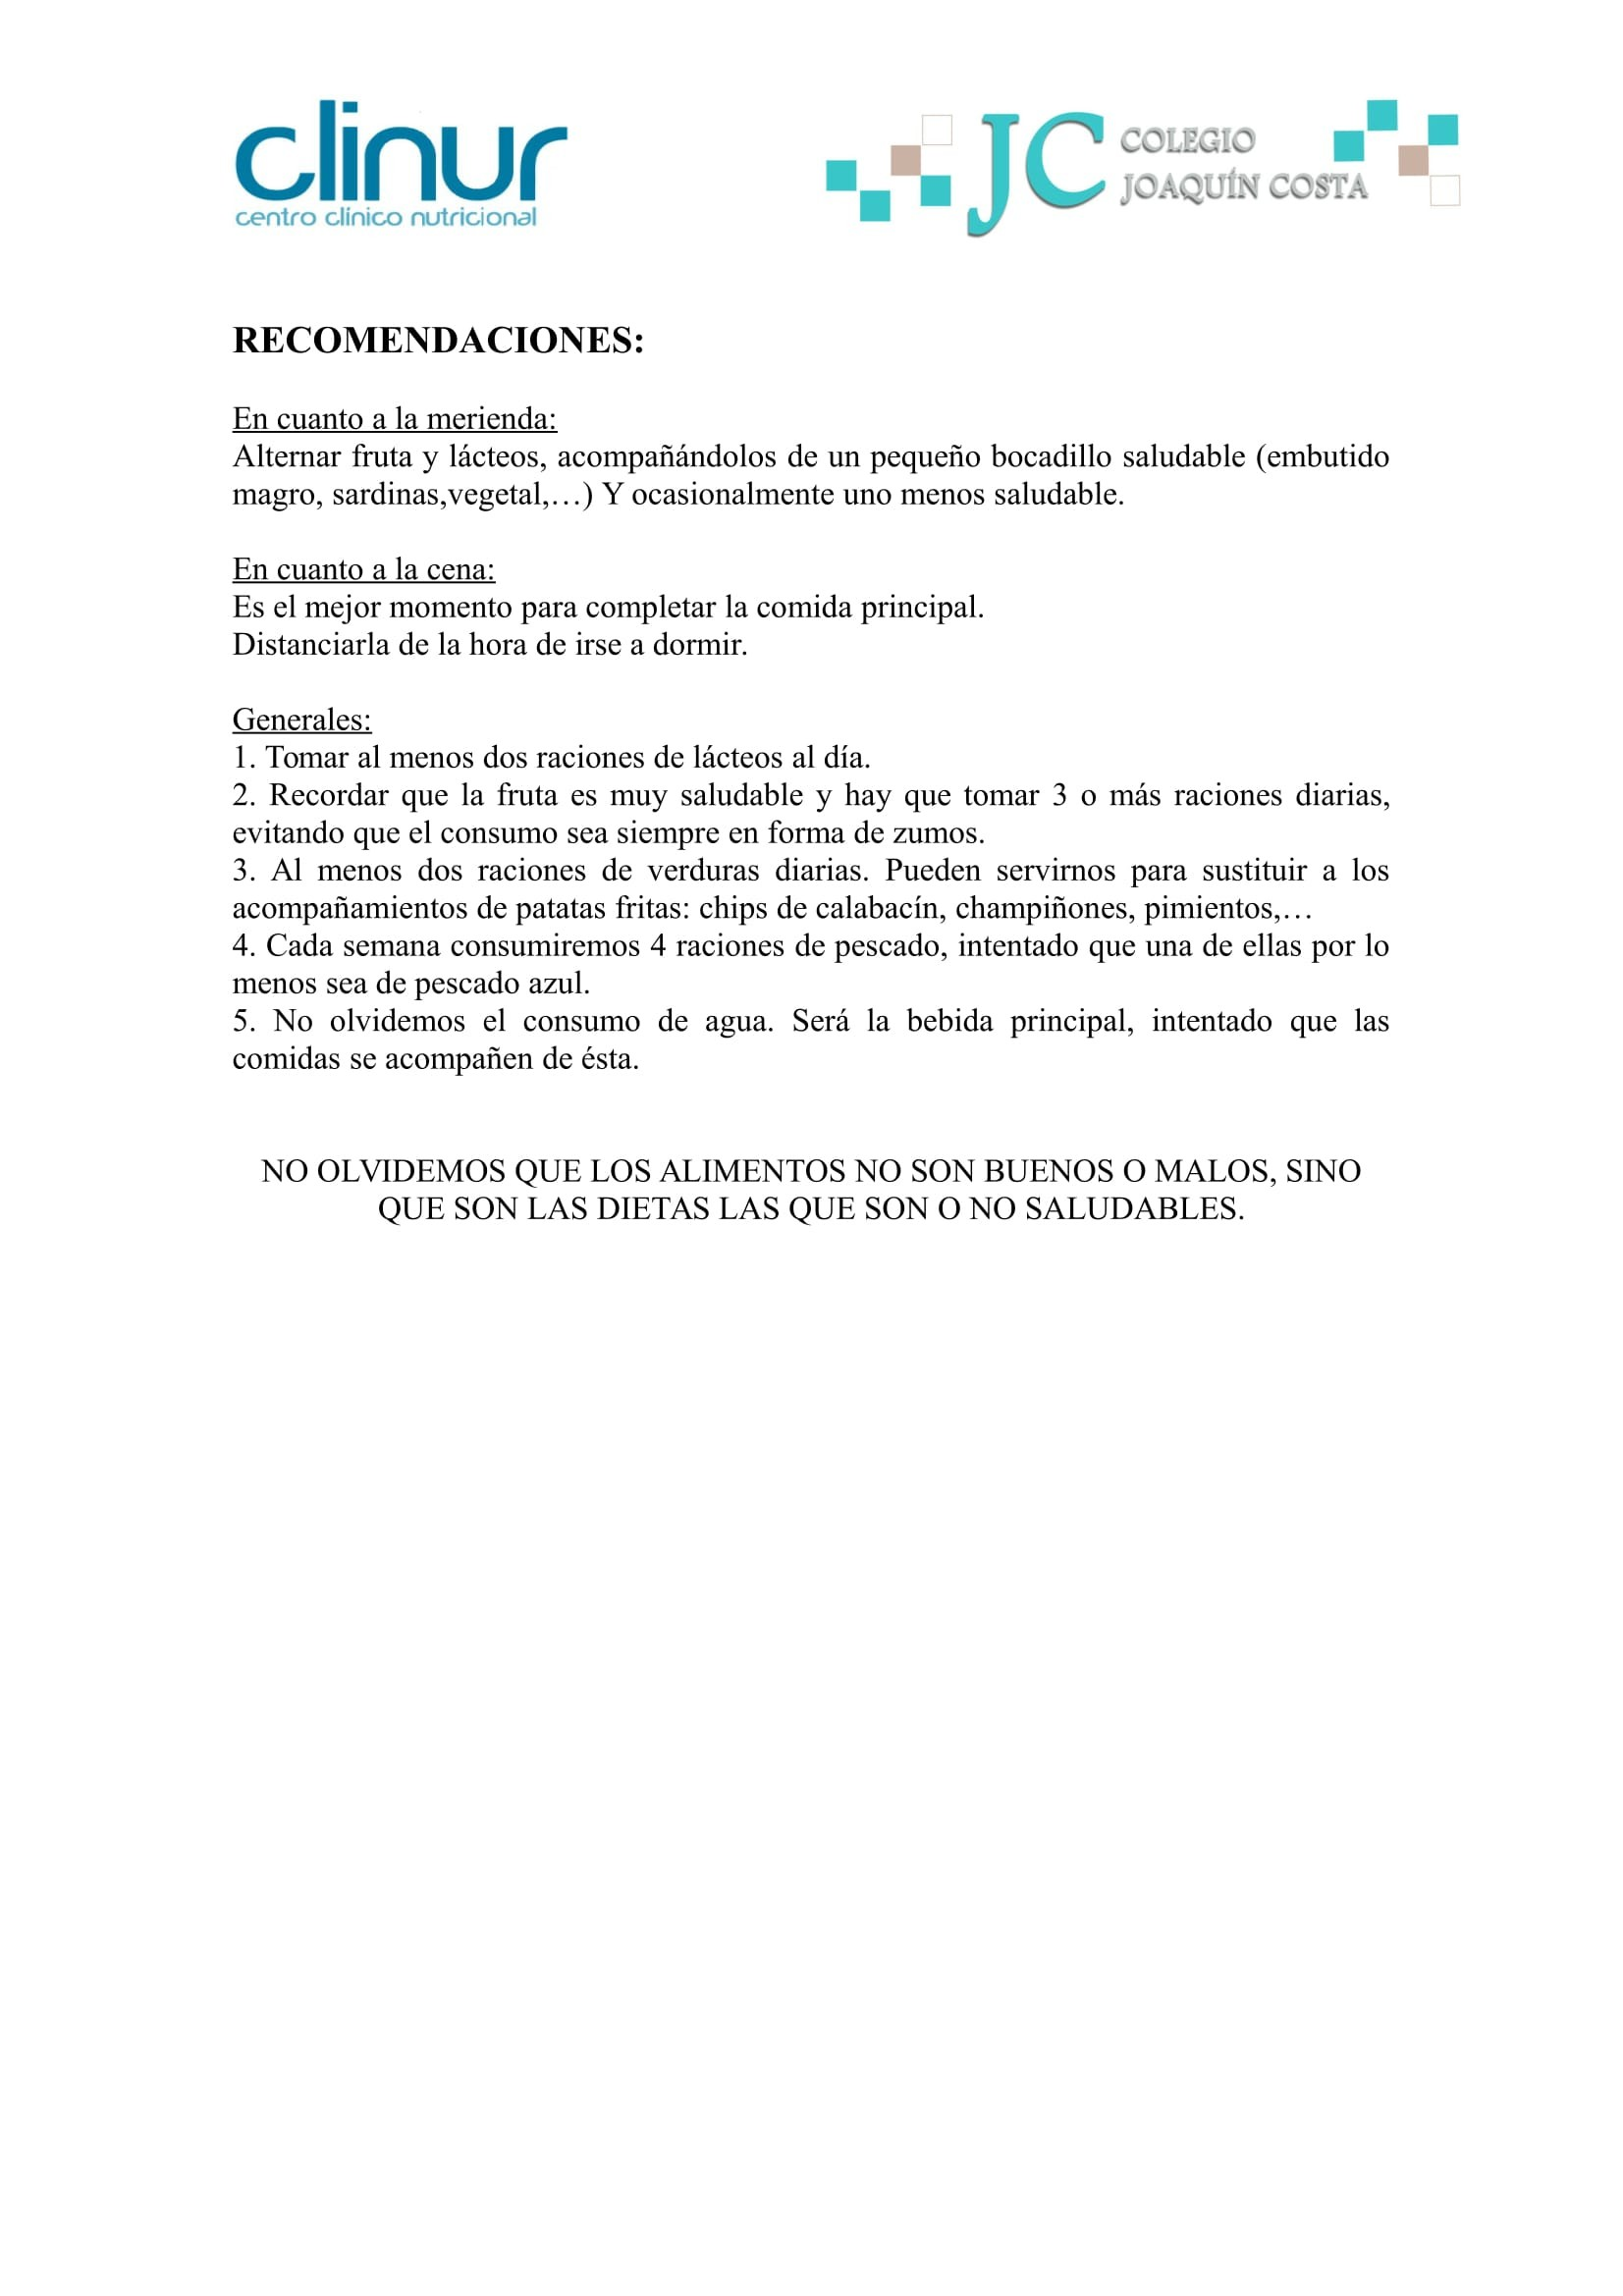 Calendario Escolar 2019 Huesca Actual Menº Edor Escolar Of Calendario Escolar 2019 Huesca Recientes atletismo Divertido